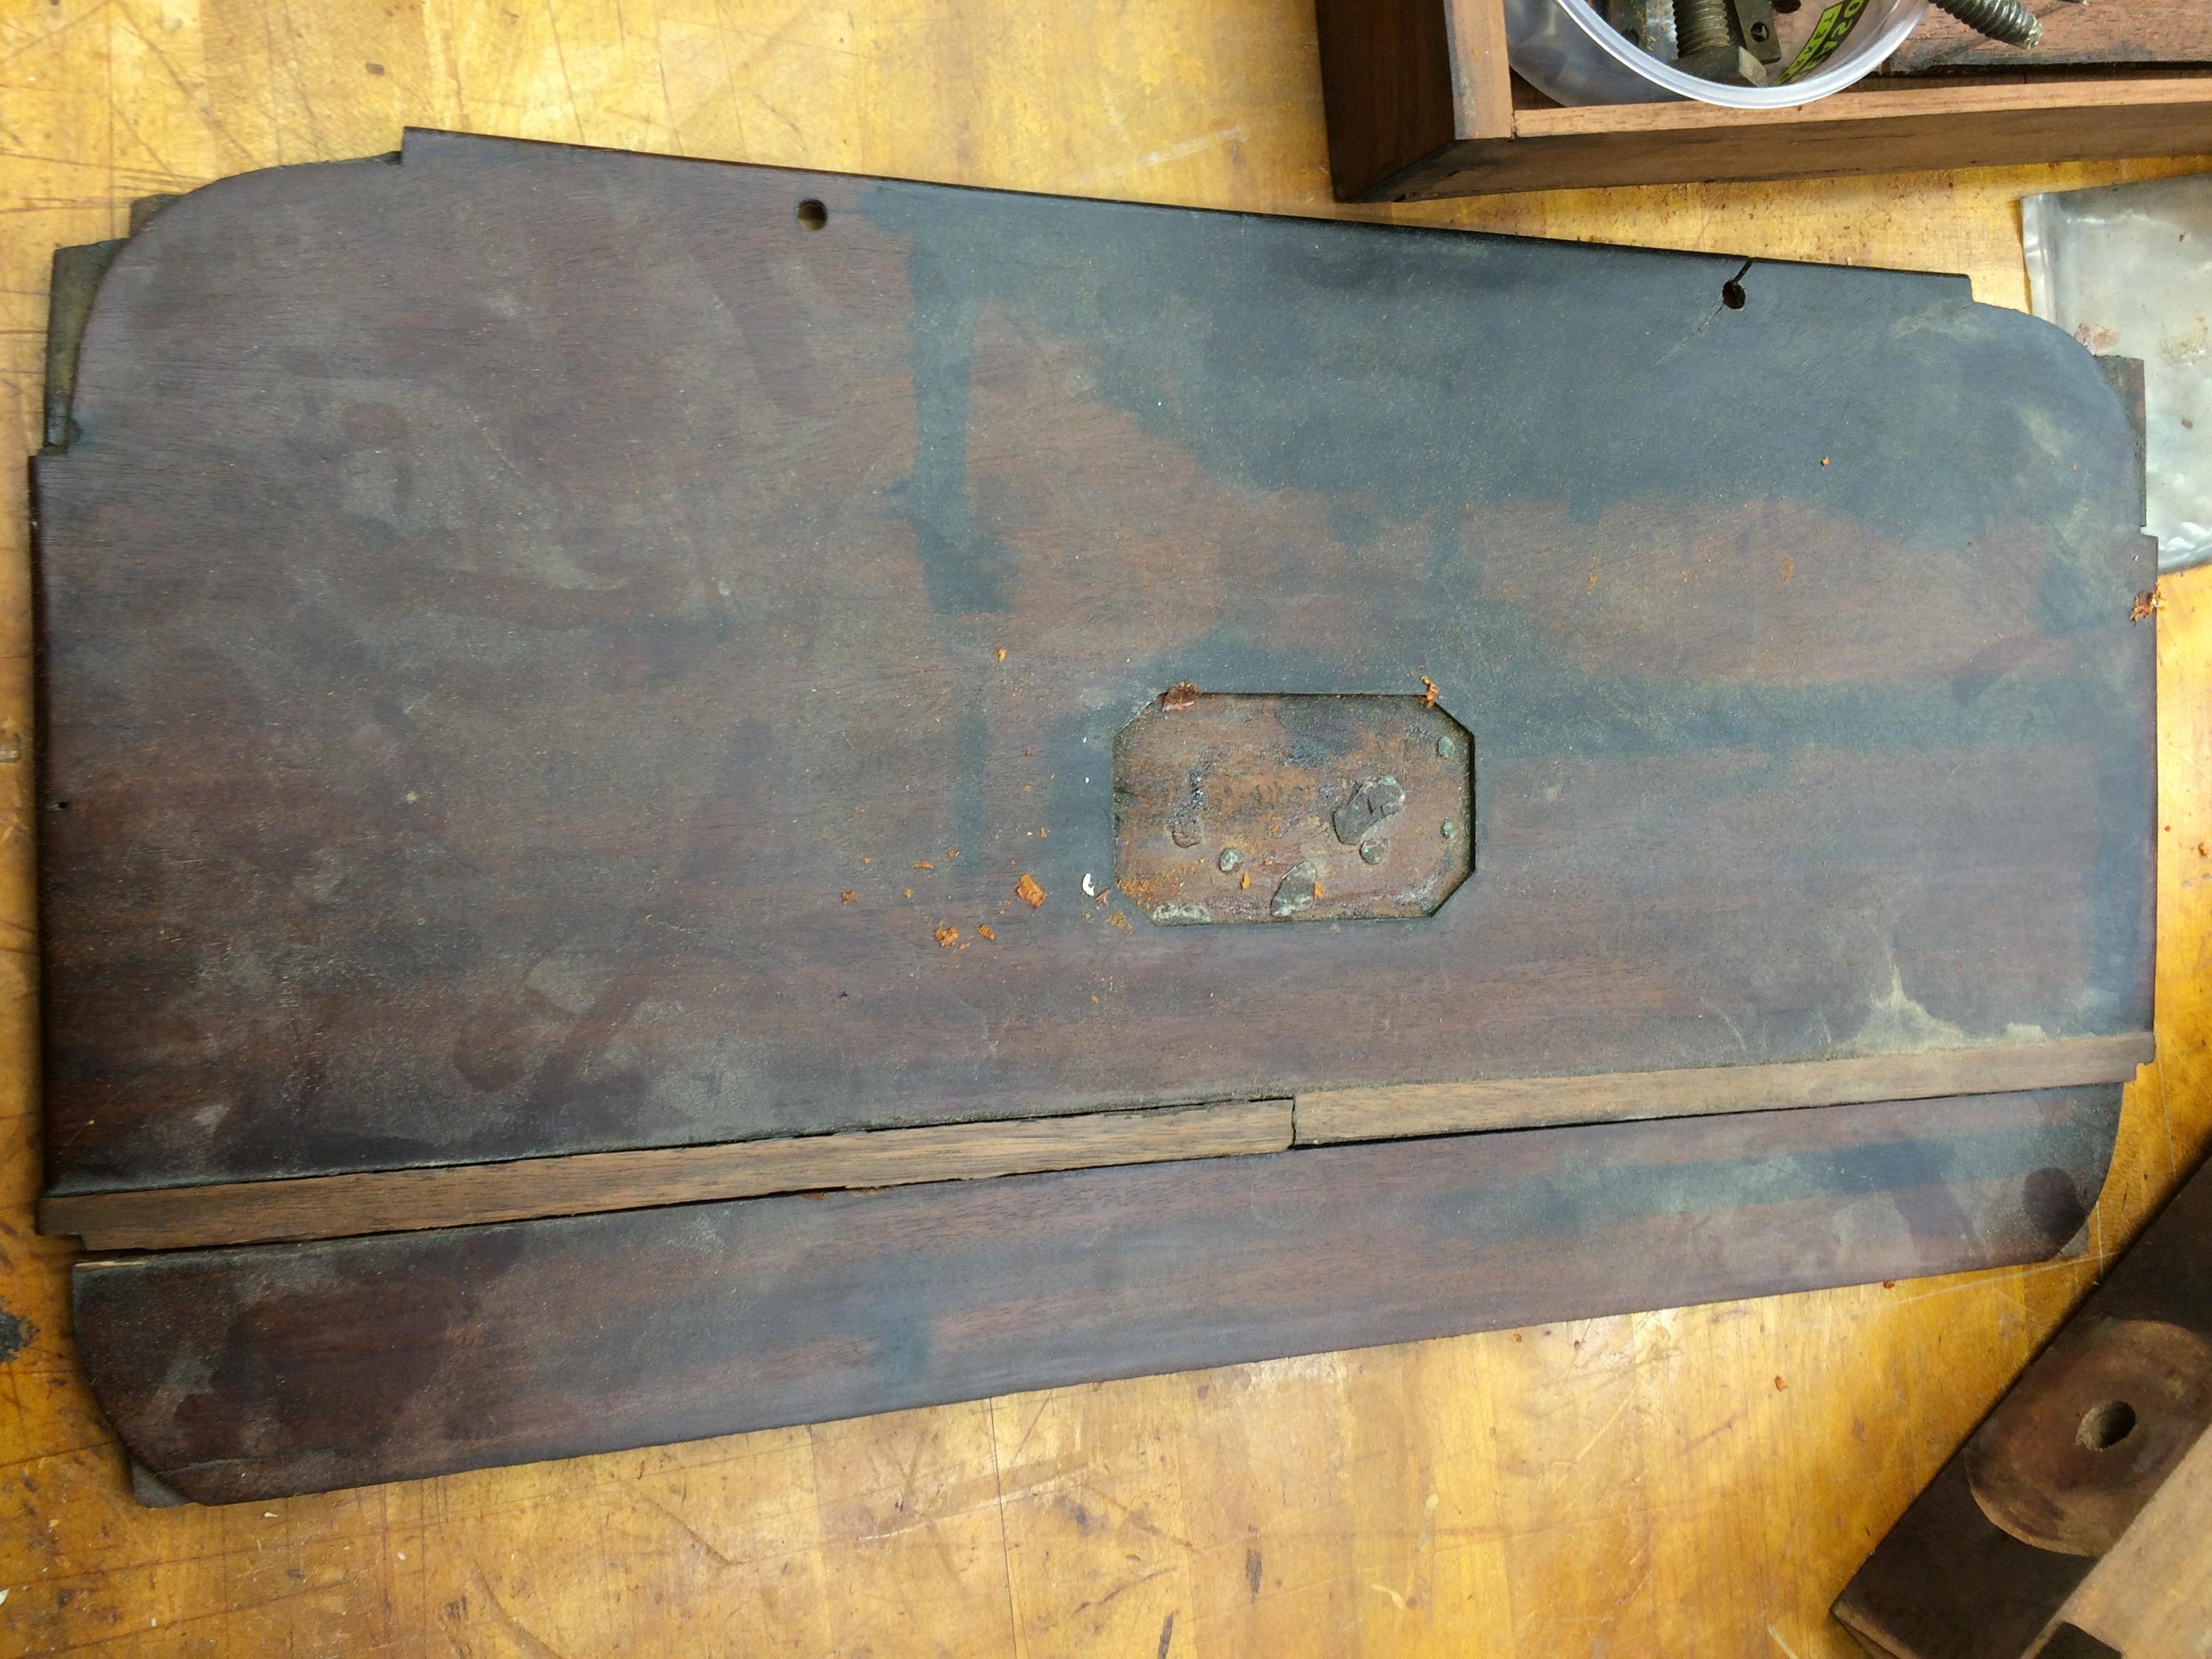 Broken box top